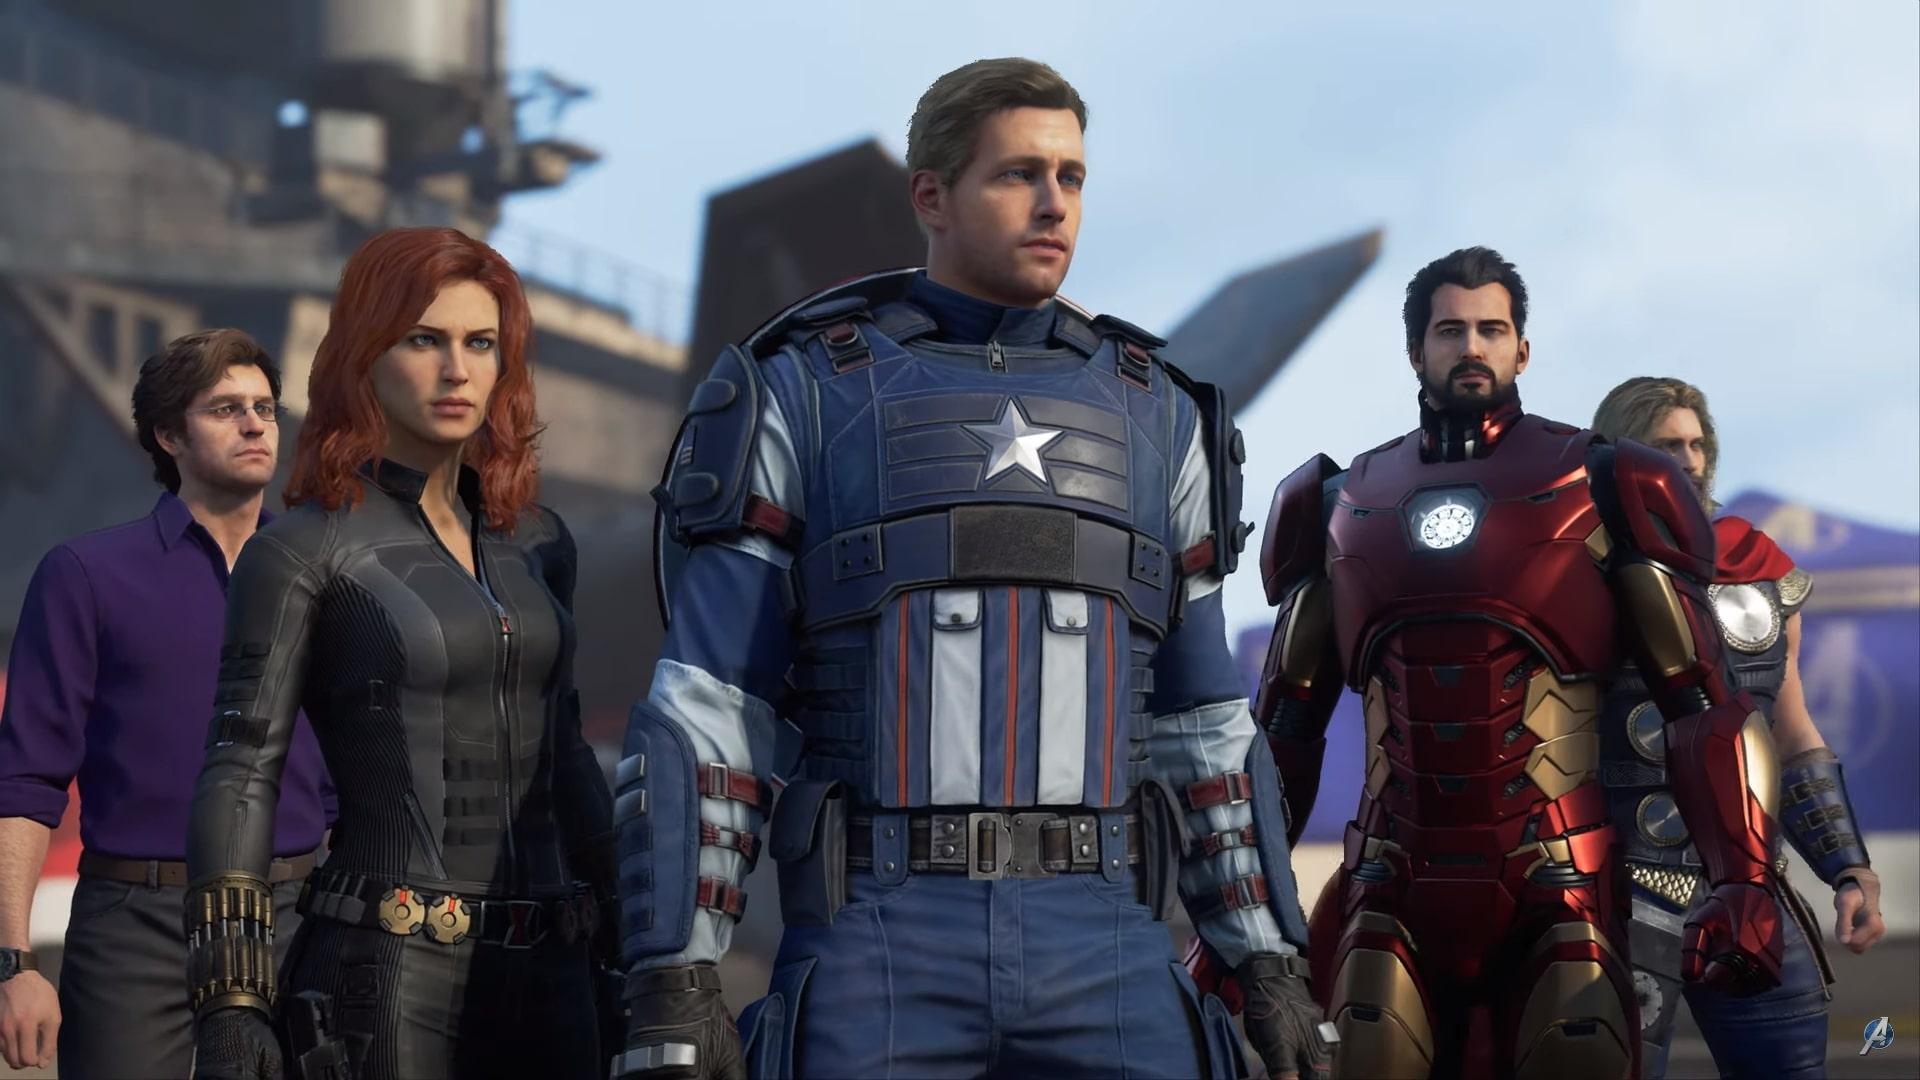 Marvel's Avengers delayed, will now assemble in September | GamesRadar+